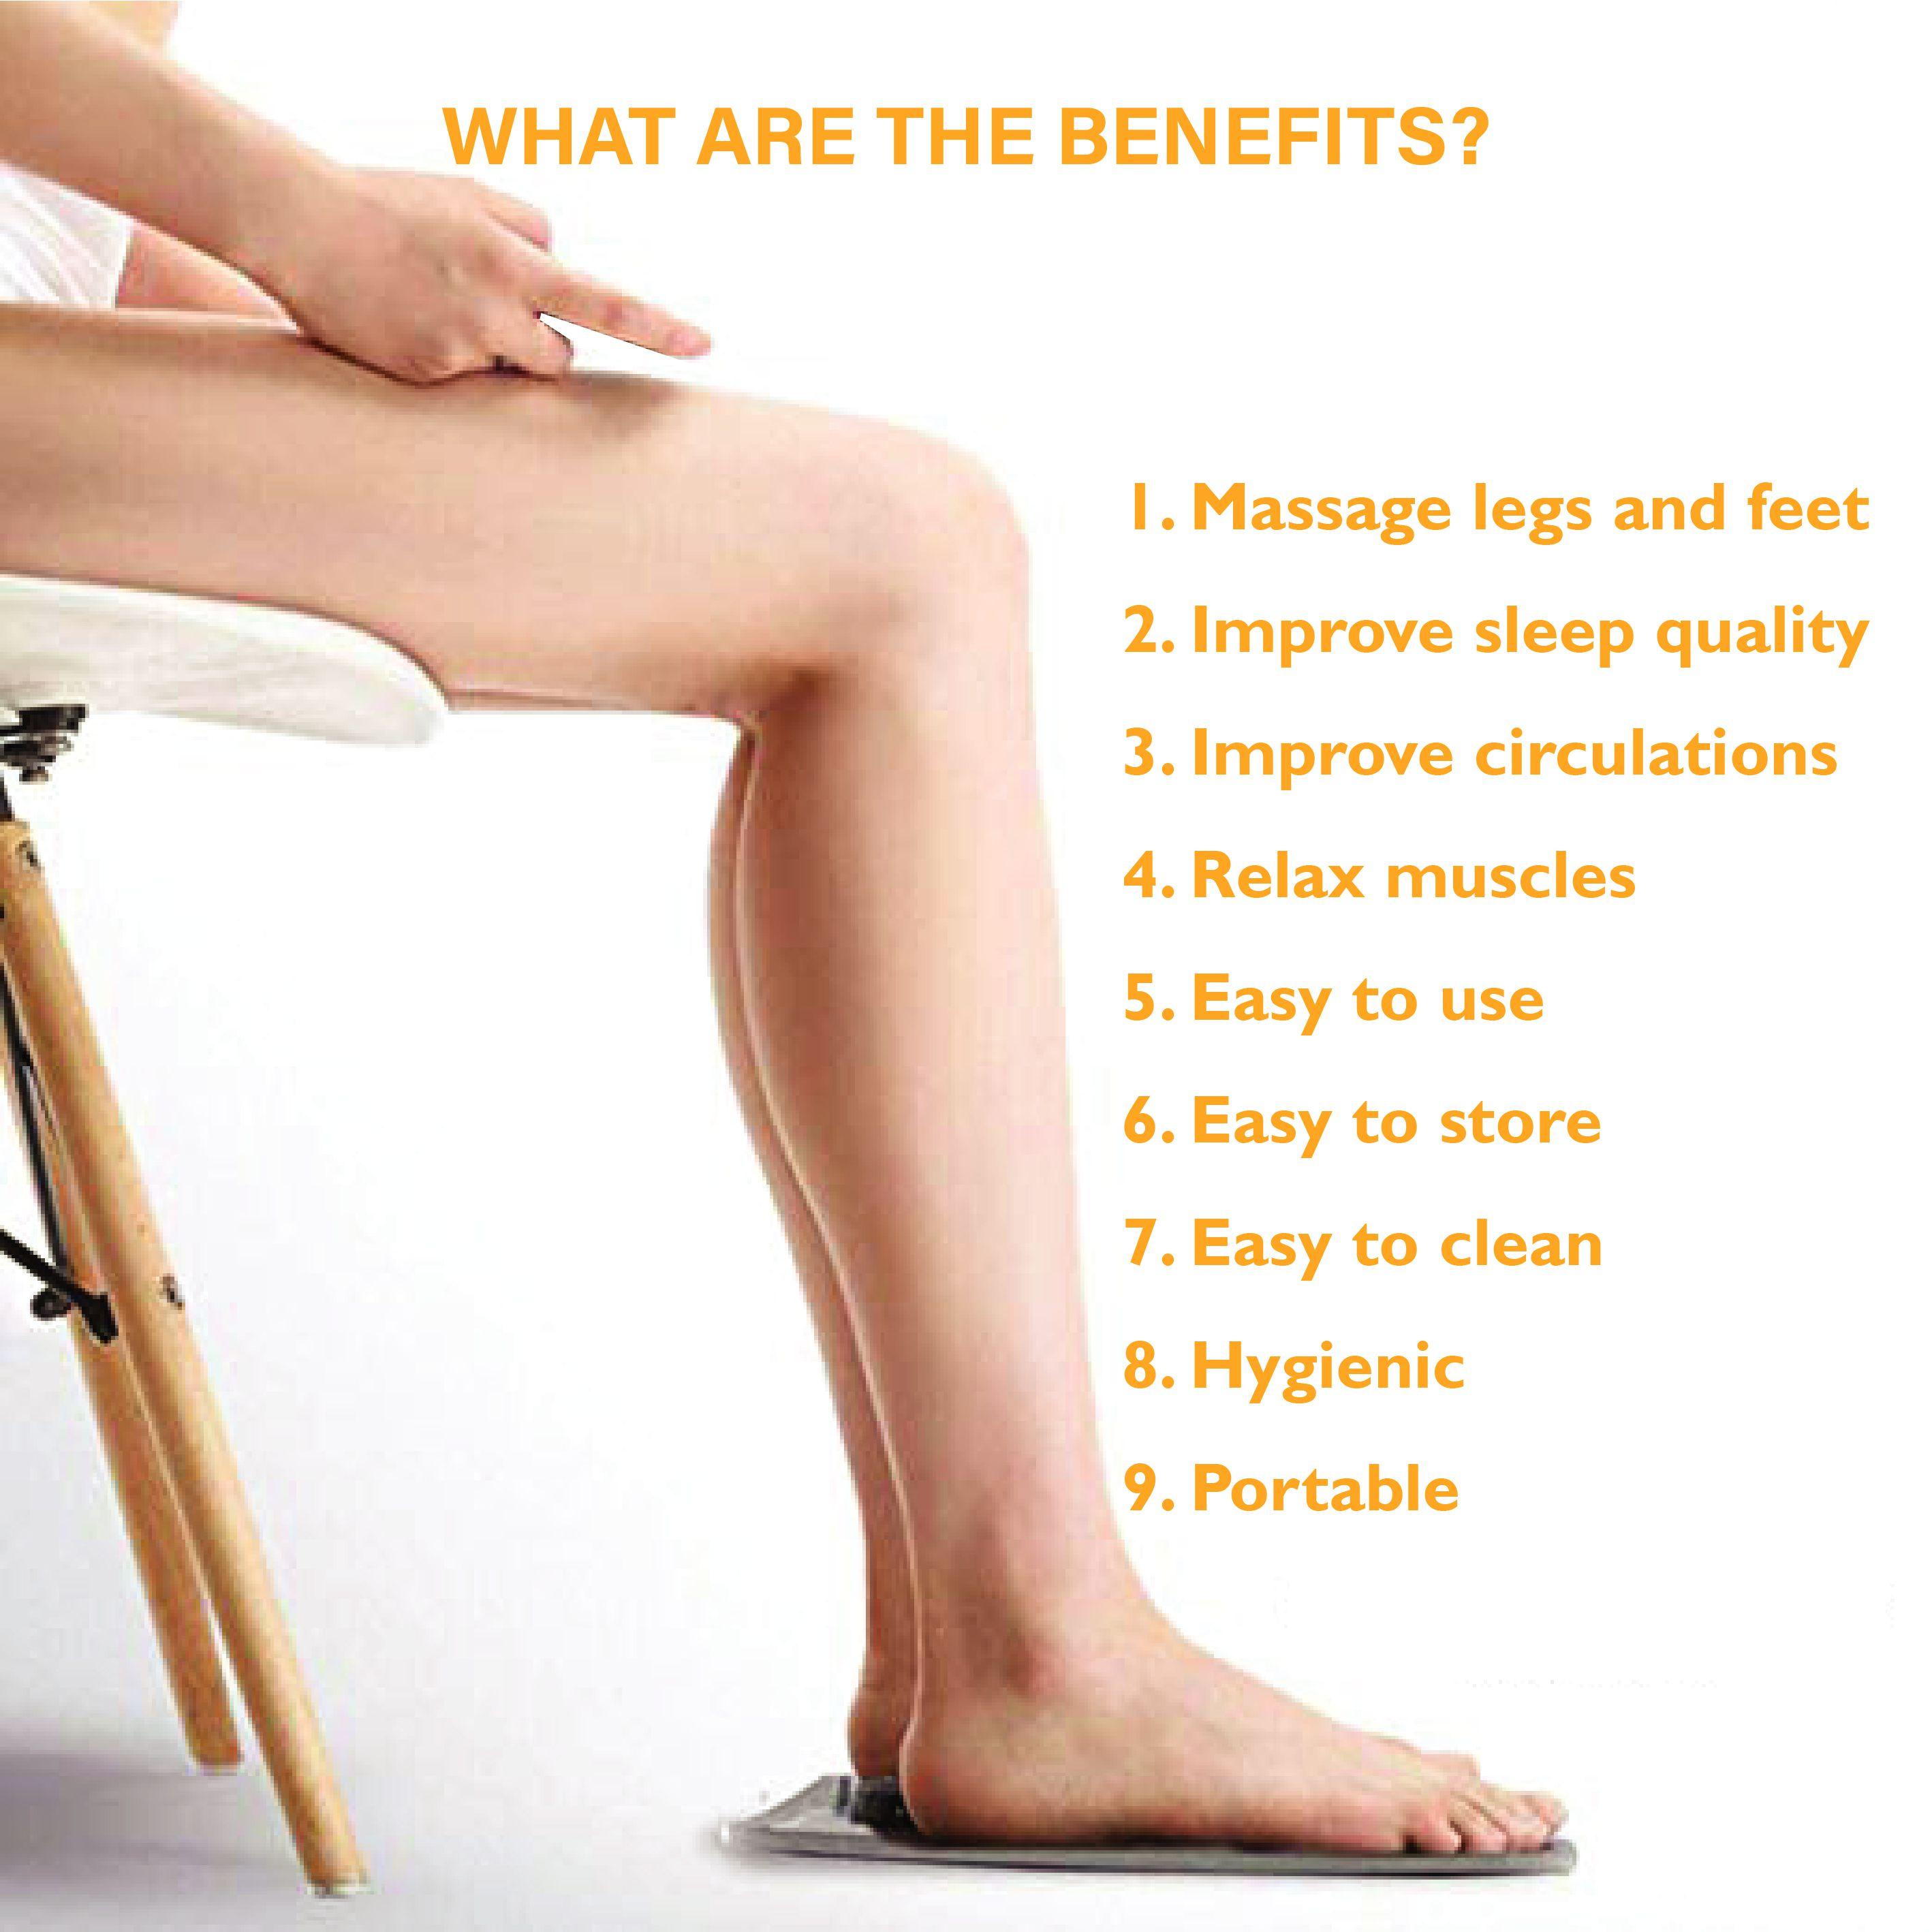 benefits of ems foot massager